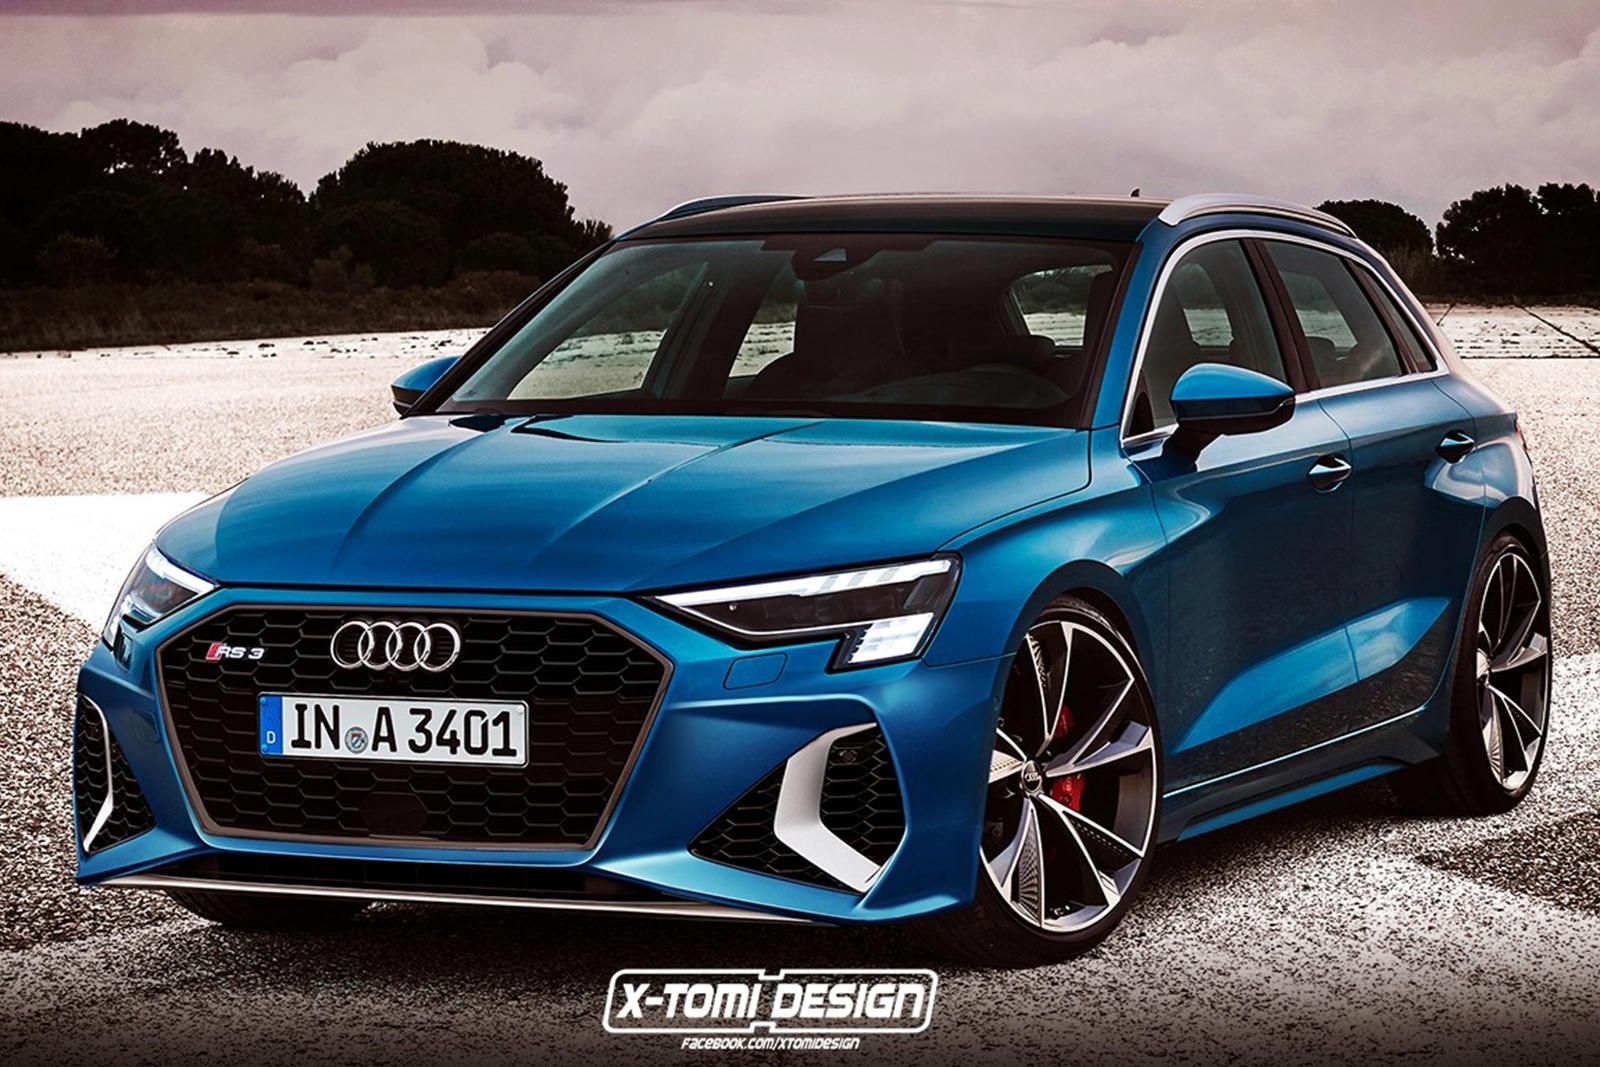 Audi Rs3 2021 Render 1